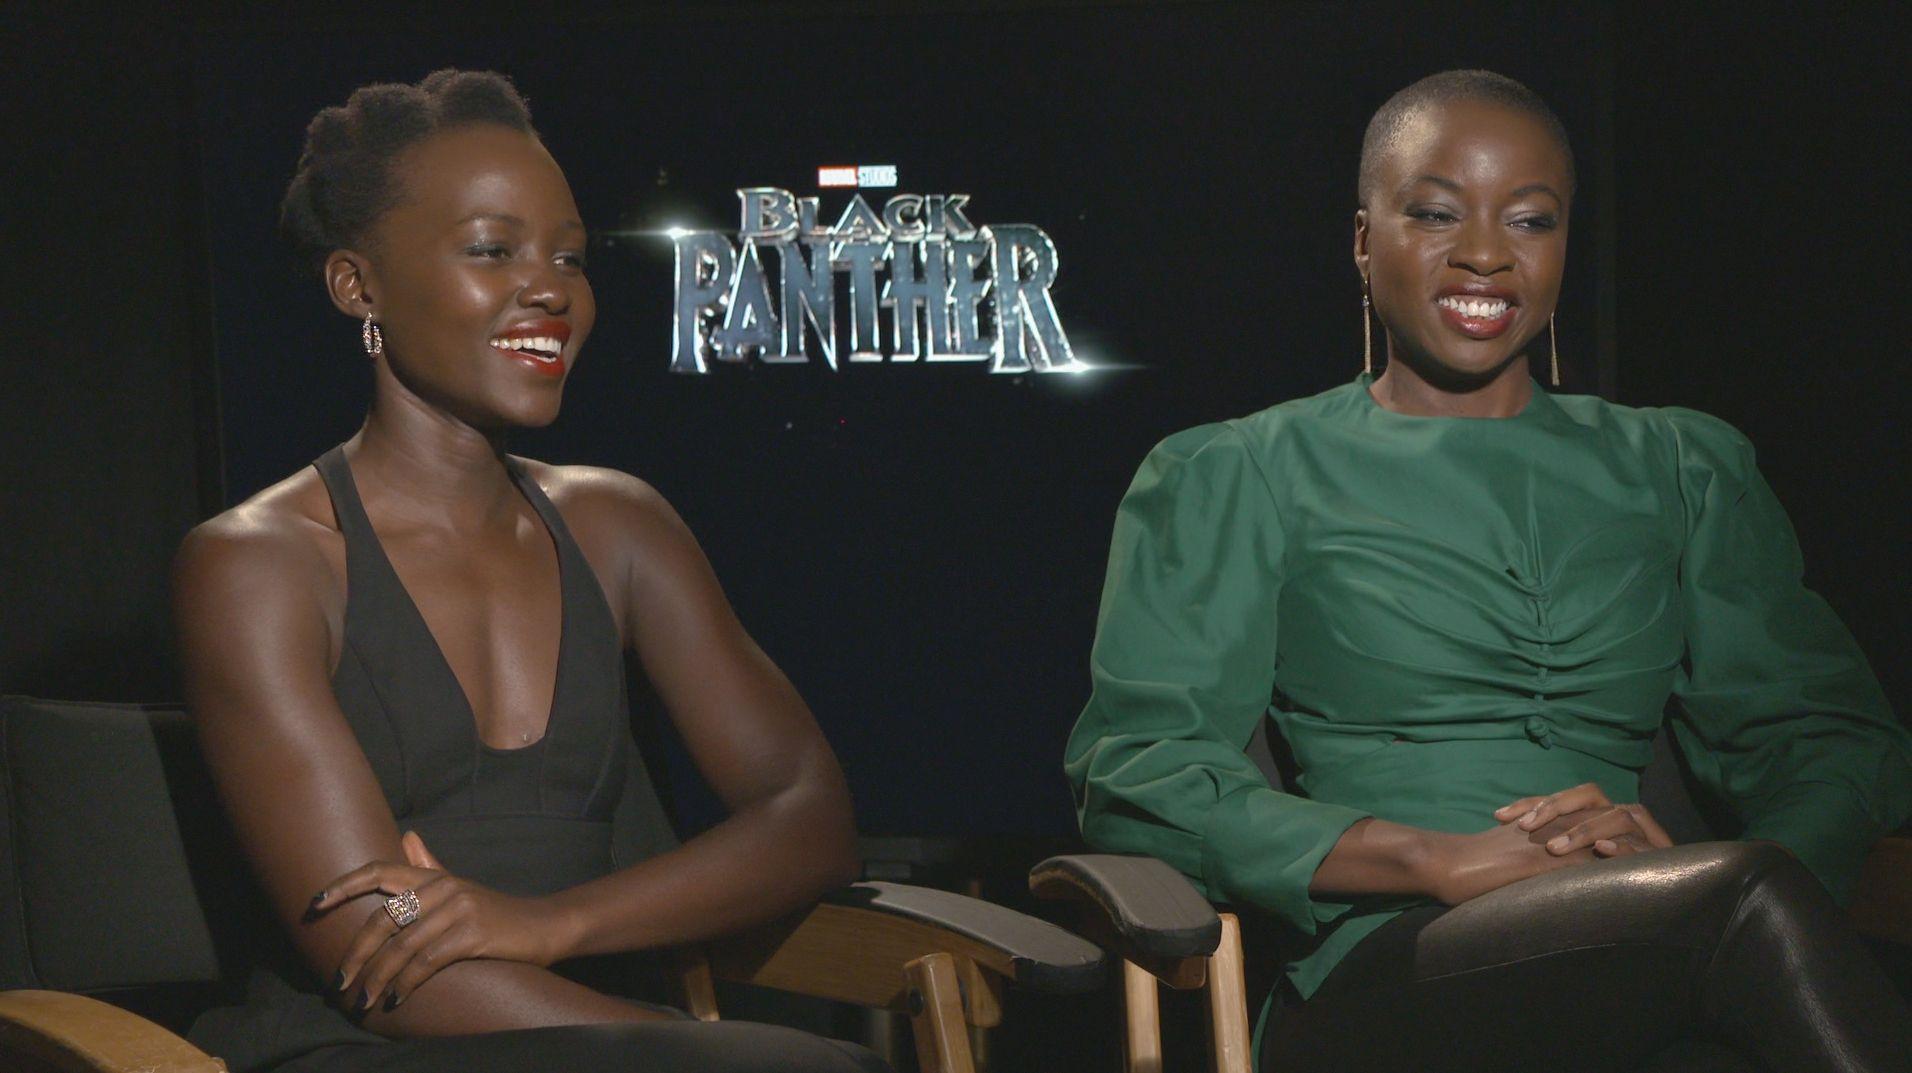 lupita nyongo danai gurira interview black panther - Lupita Nyong' o and Danai Gurira on the Beautiful Premise of 'Black Panther'